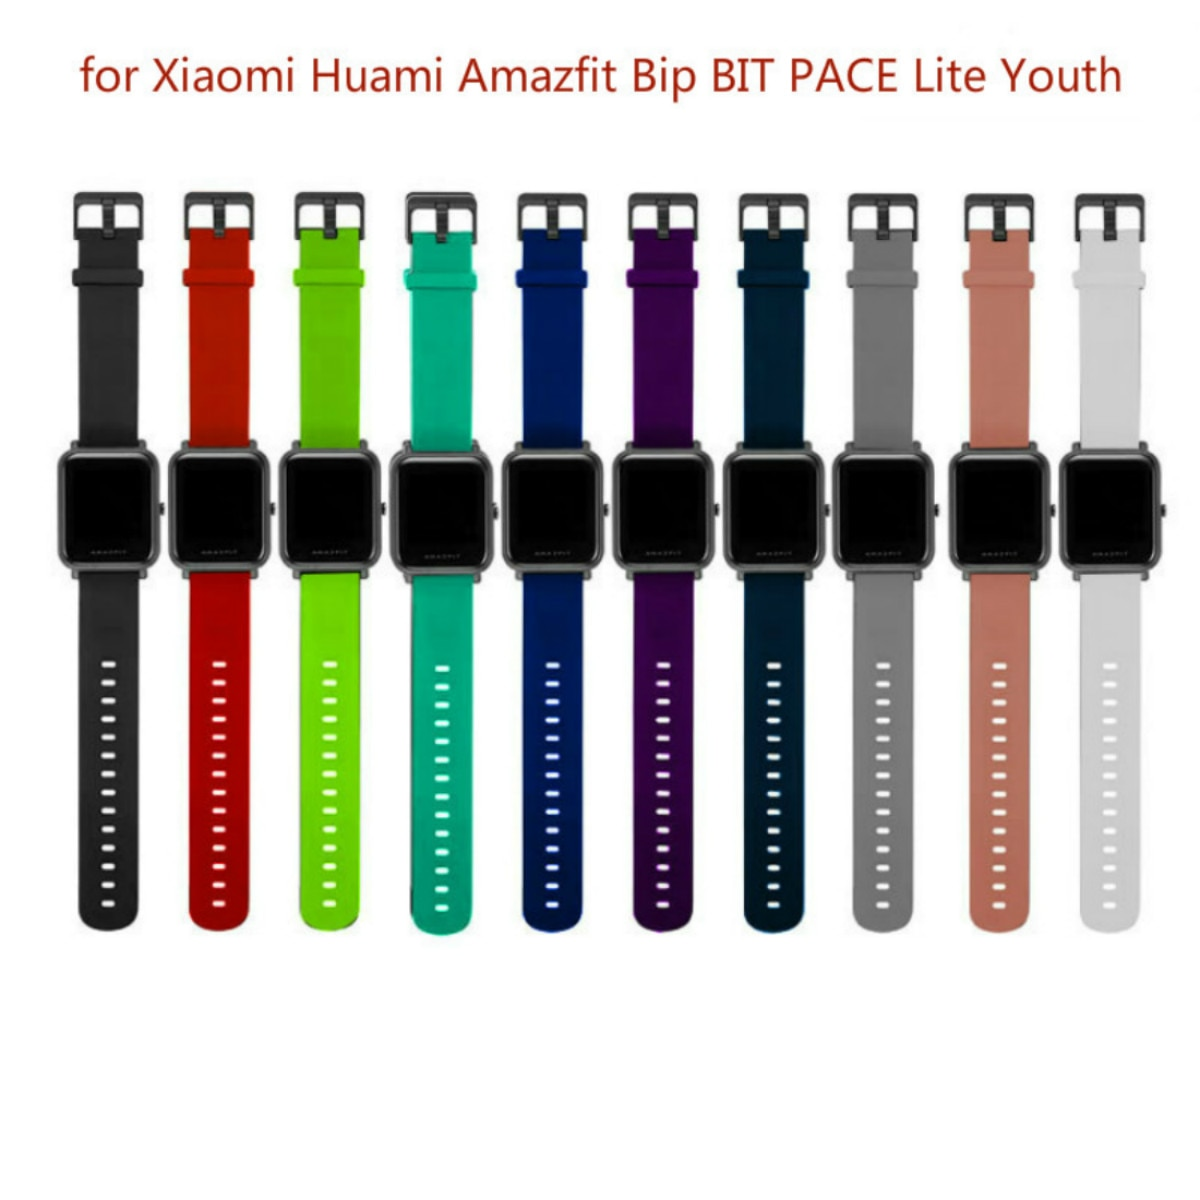 Умные часы, аксессуары для Xiaomi Amazfit Bip, умные часы 20 мм, Молодежные спортивные умные часы, наручные часы, силиконовый ремешок